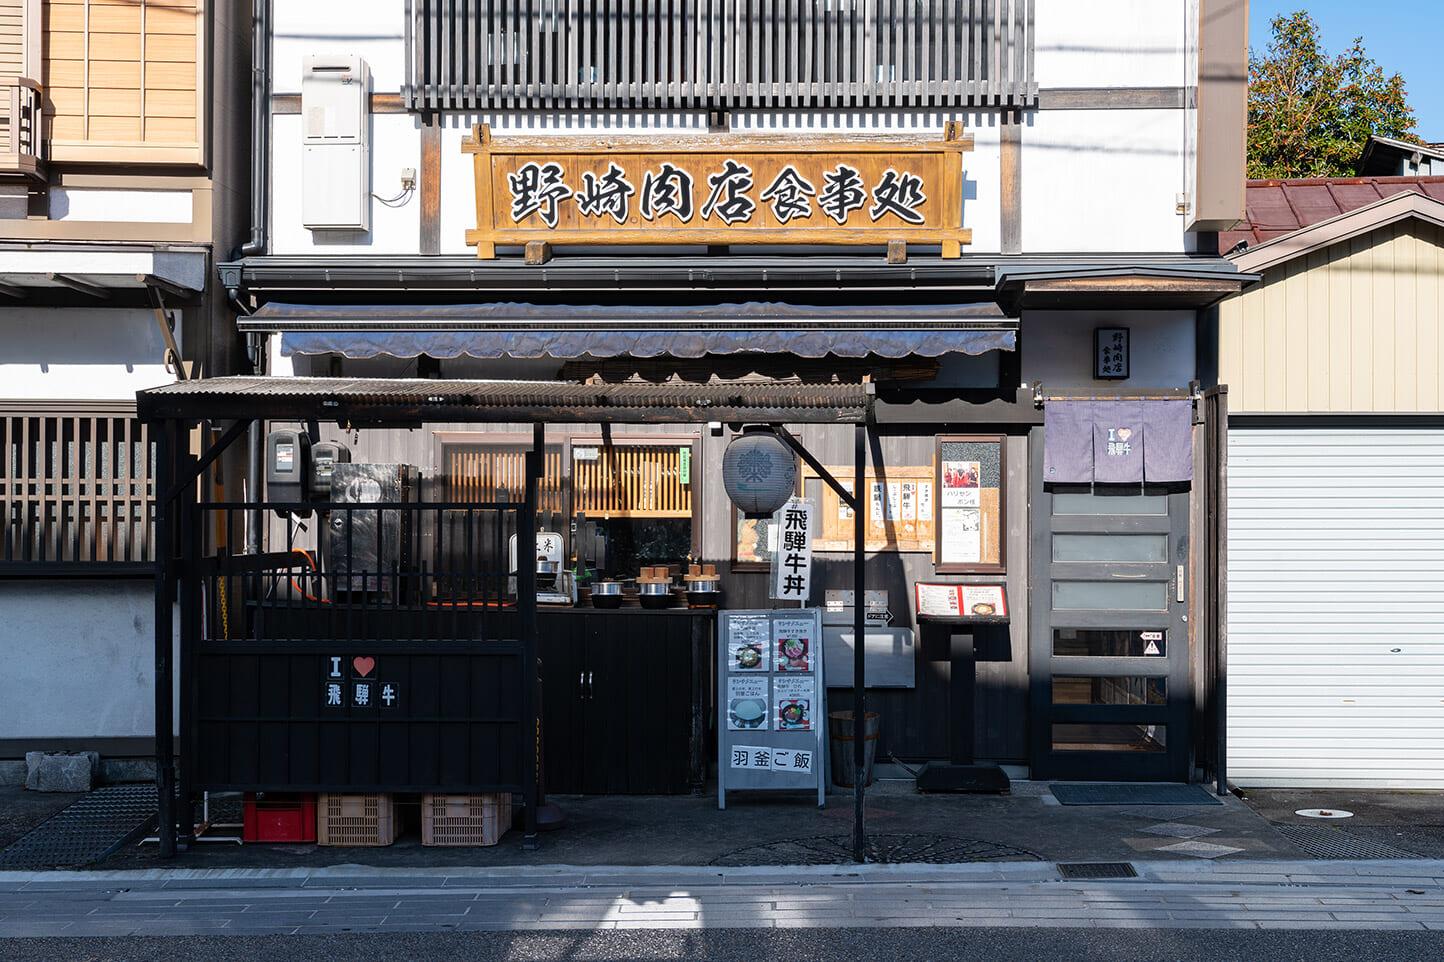 野崎肉店食事処 スライダー画像1